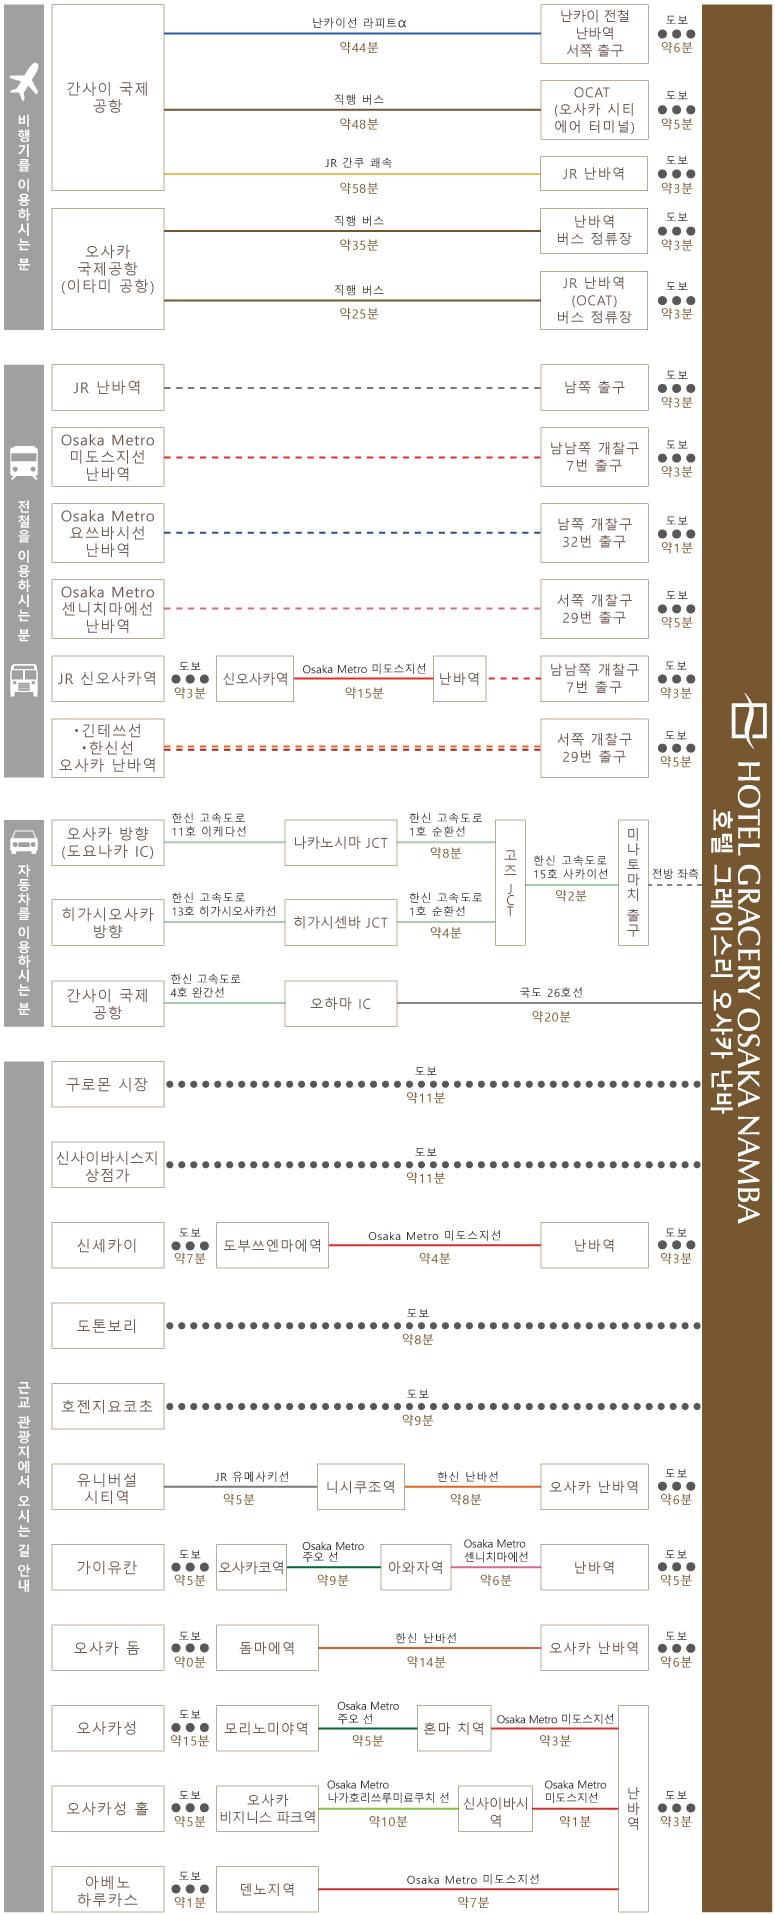 chart_kor_osaka_namba_gwh